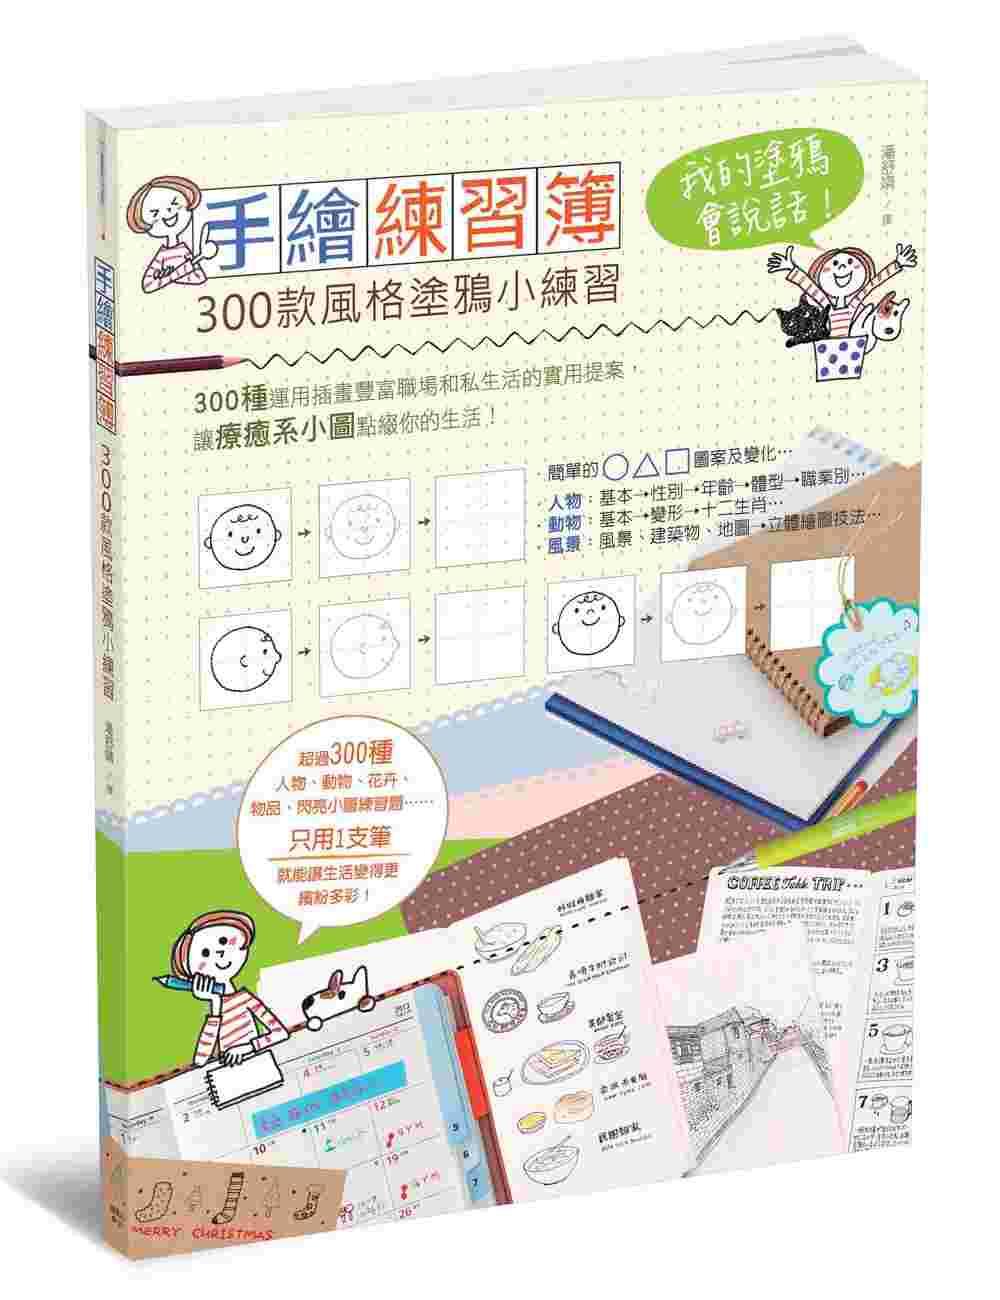 手繪練習簿 300款風格塗鴉小練習